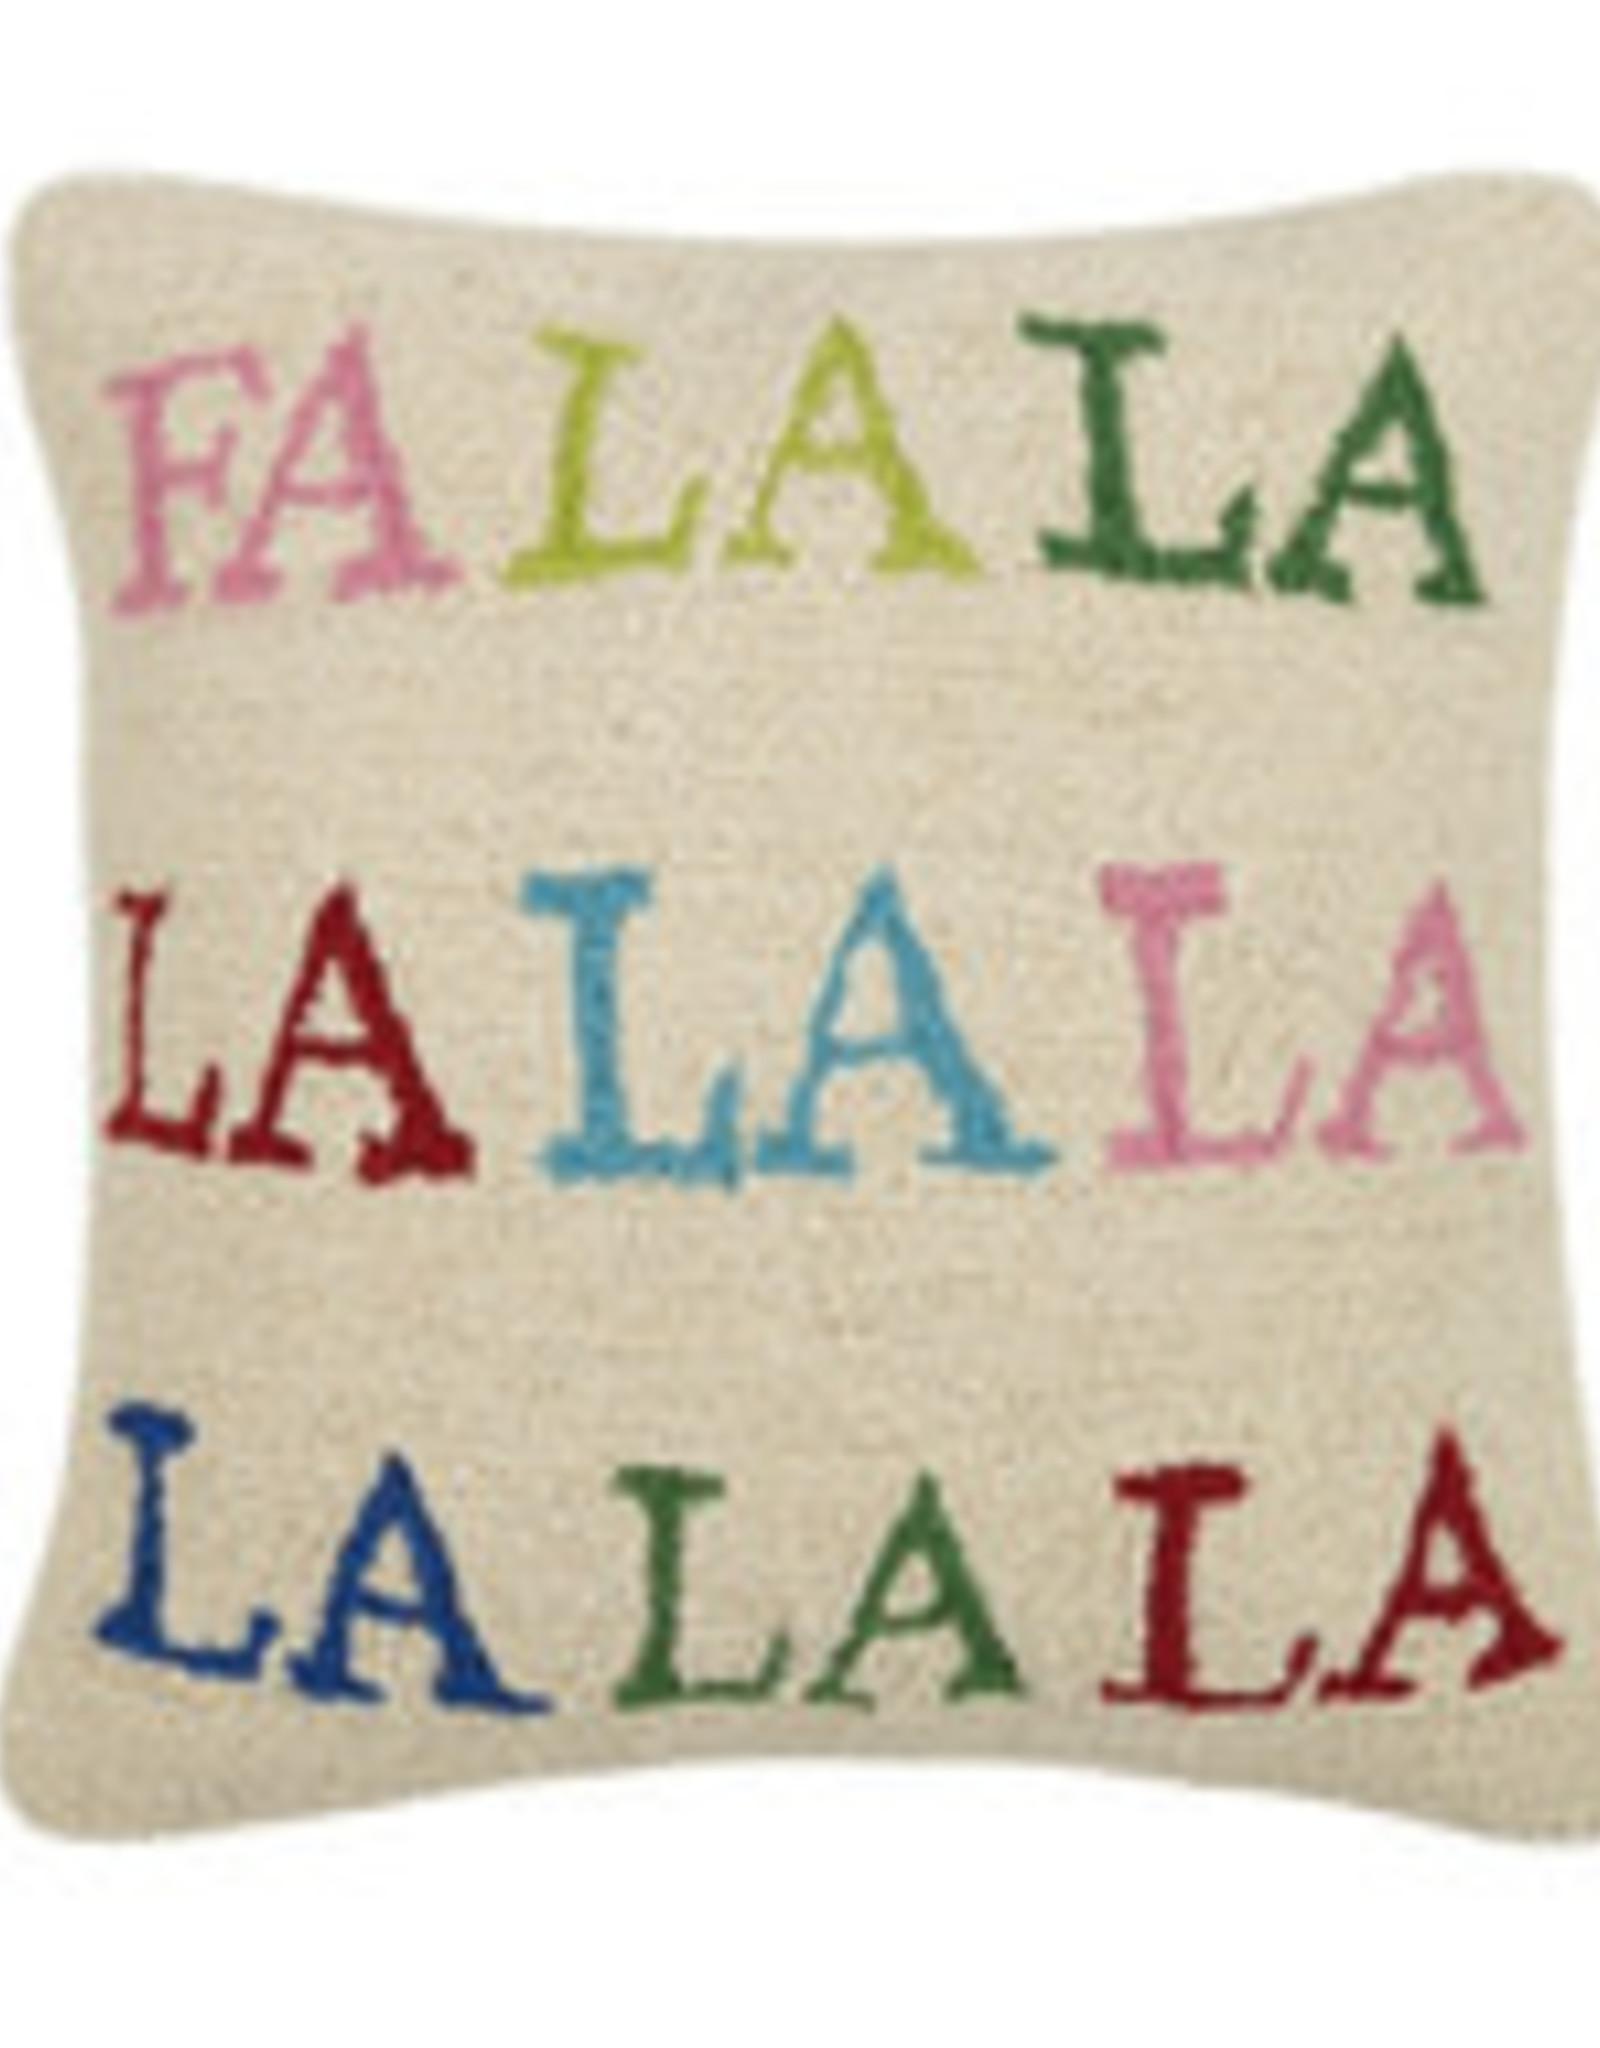 Fa La La Hooked Pillow